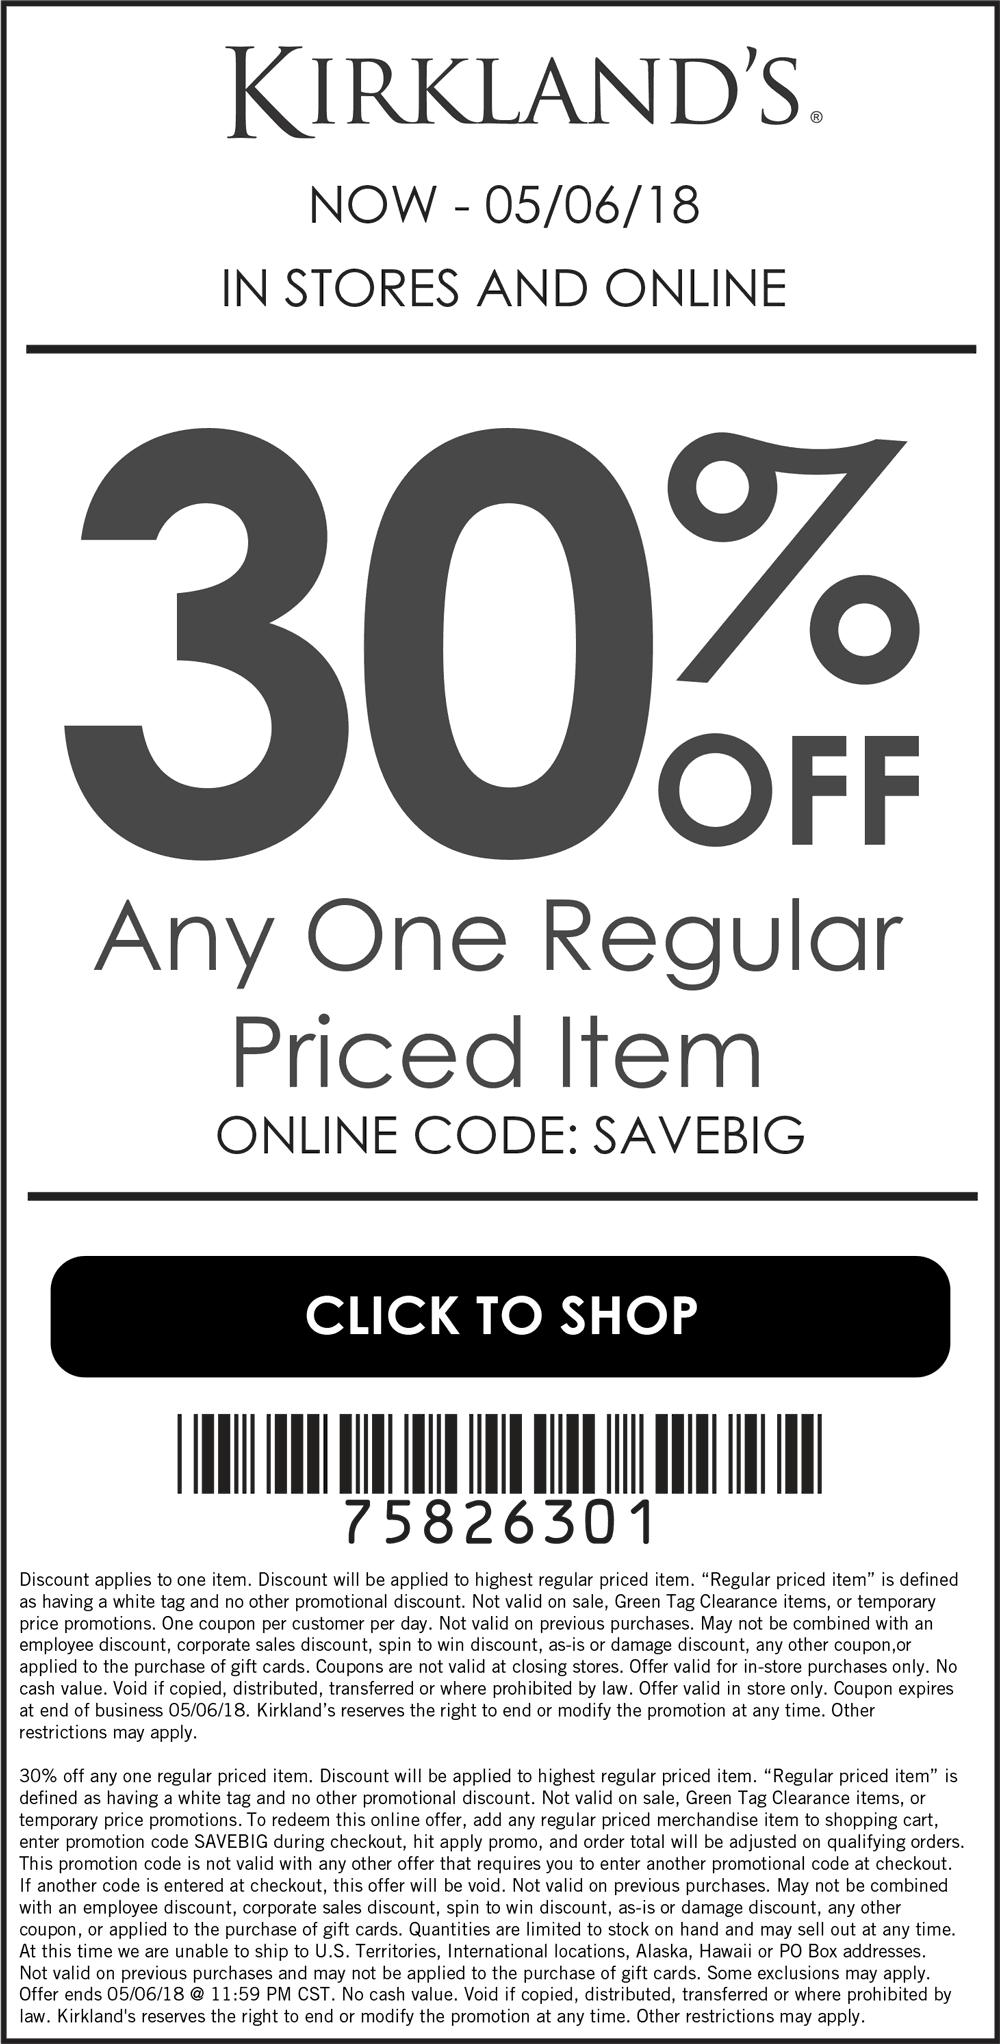 Kirklands Coupon October 2018 30% off a single item at Kirklands, or online via promo code SAVEBIG